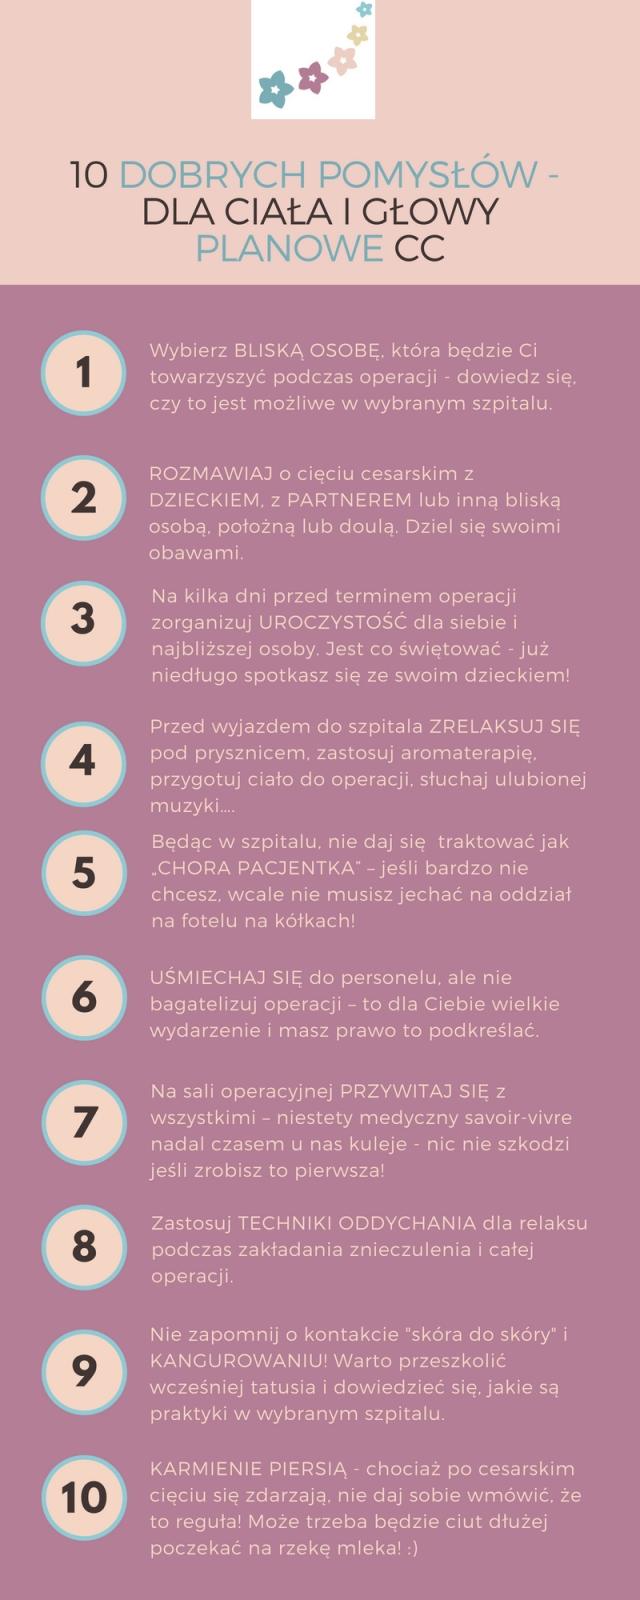 10 dobrych pomysłow_planowe cc